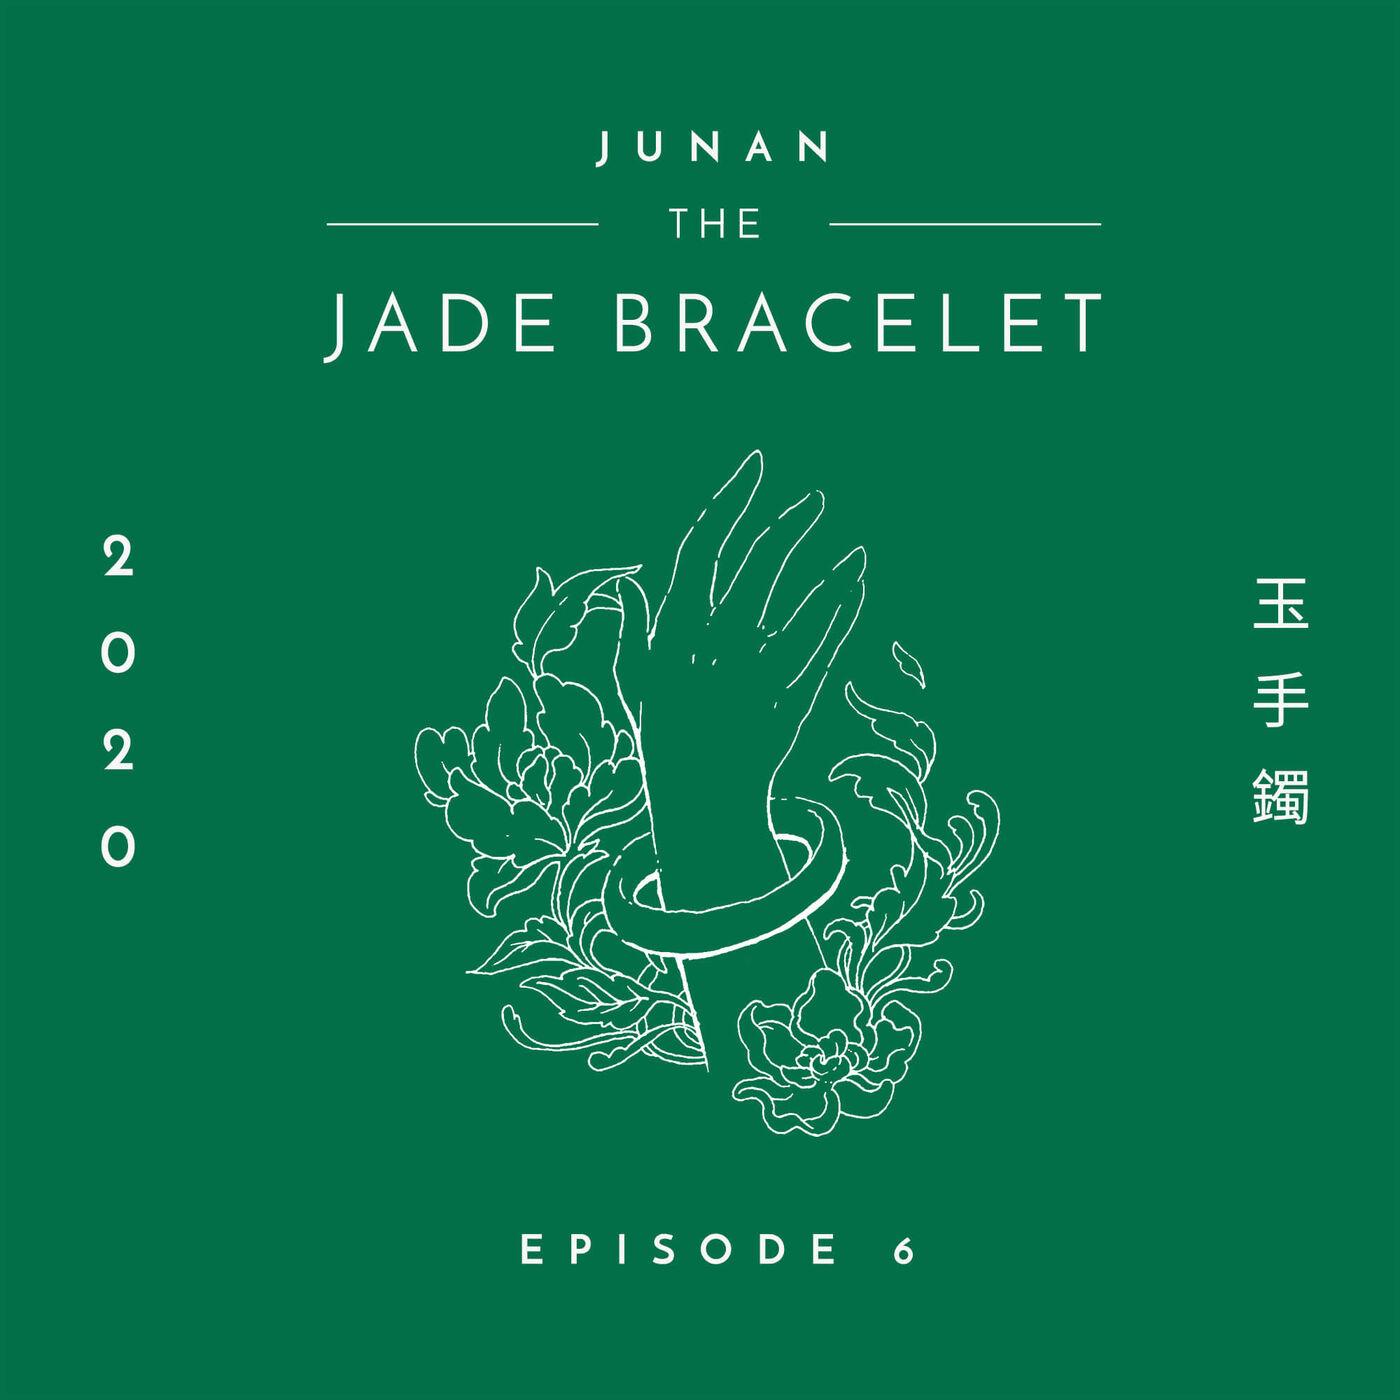 The Jade Bracelet - Episode 6